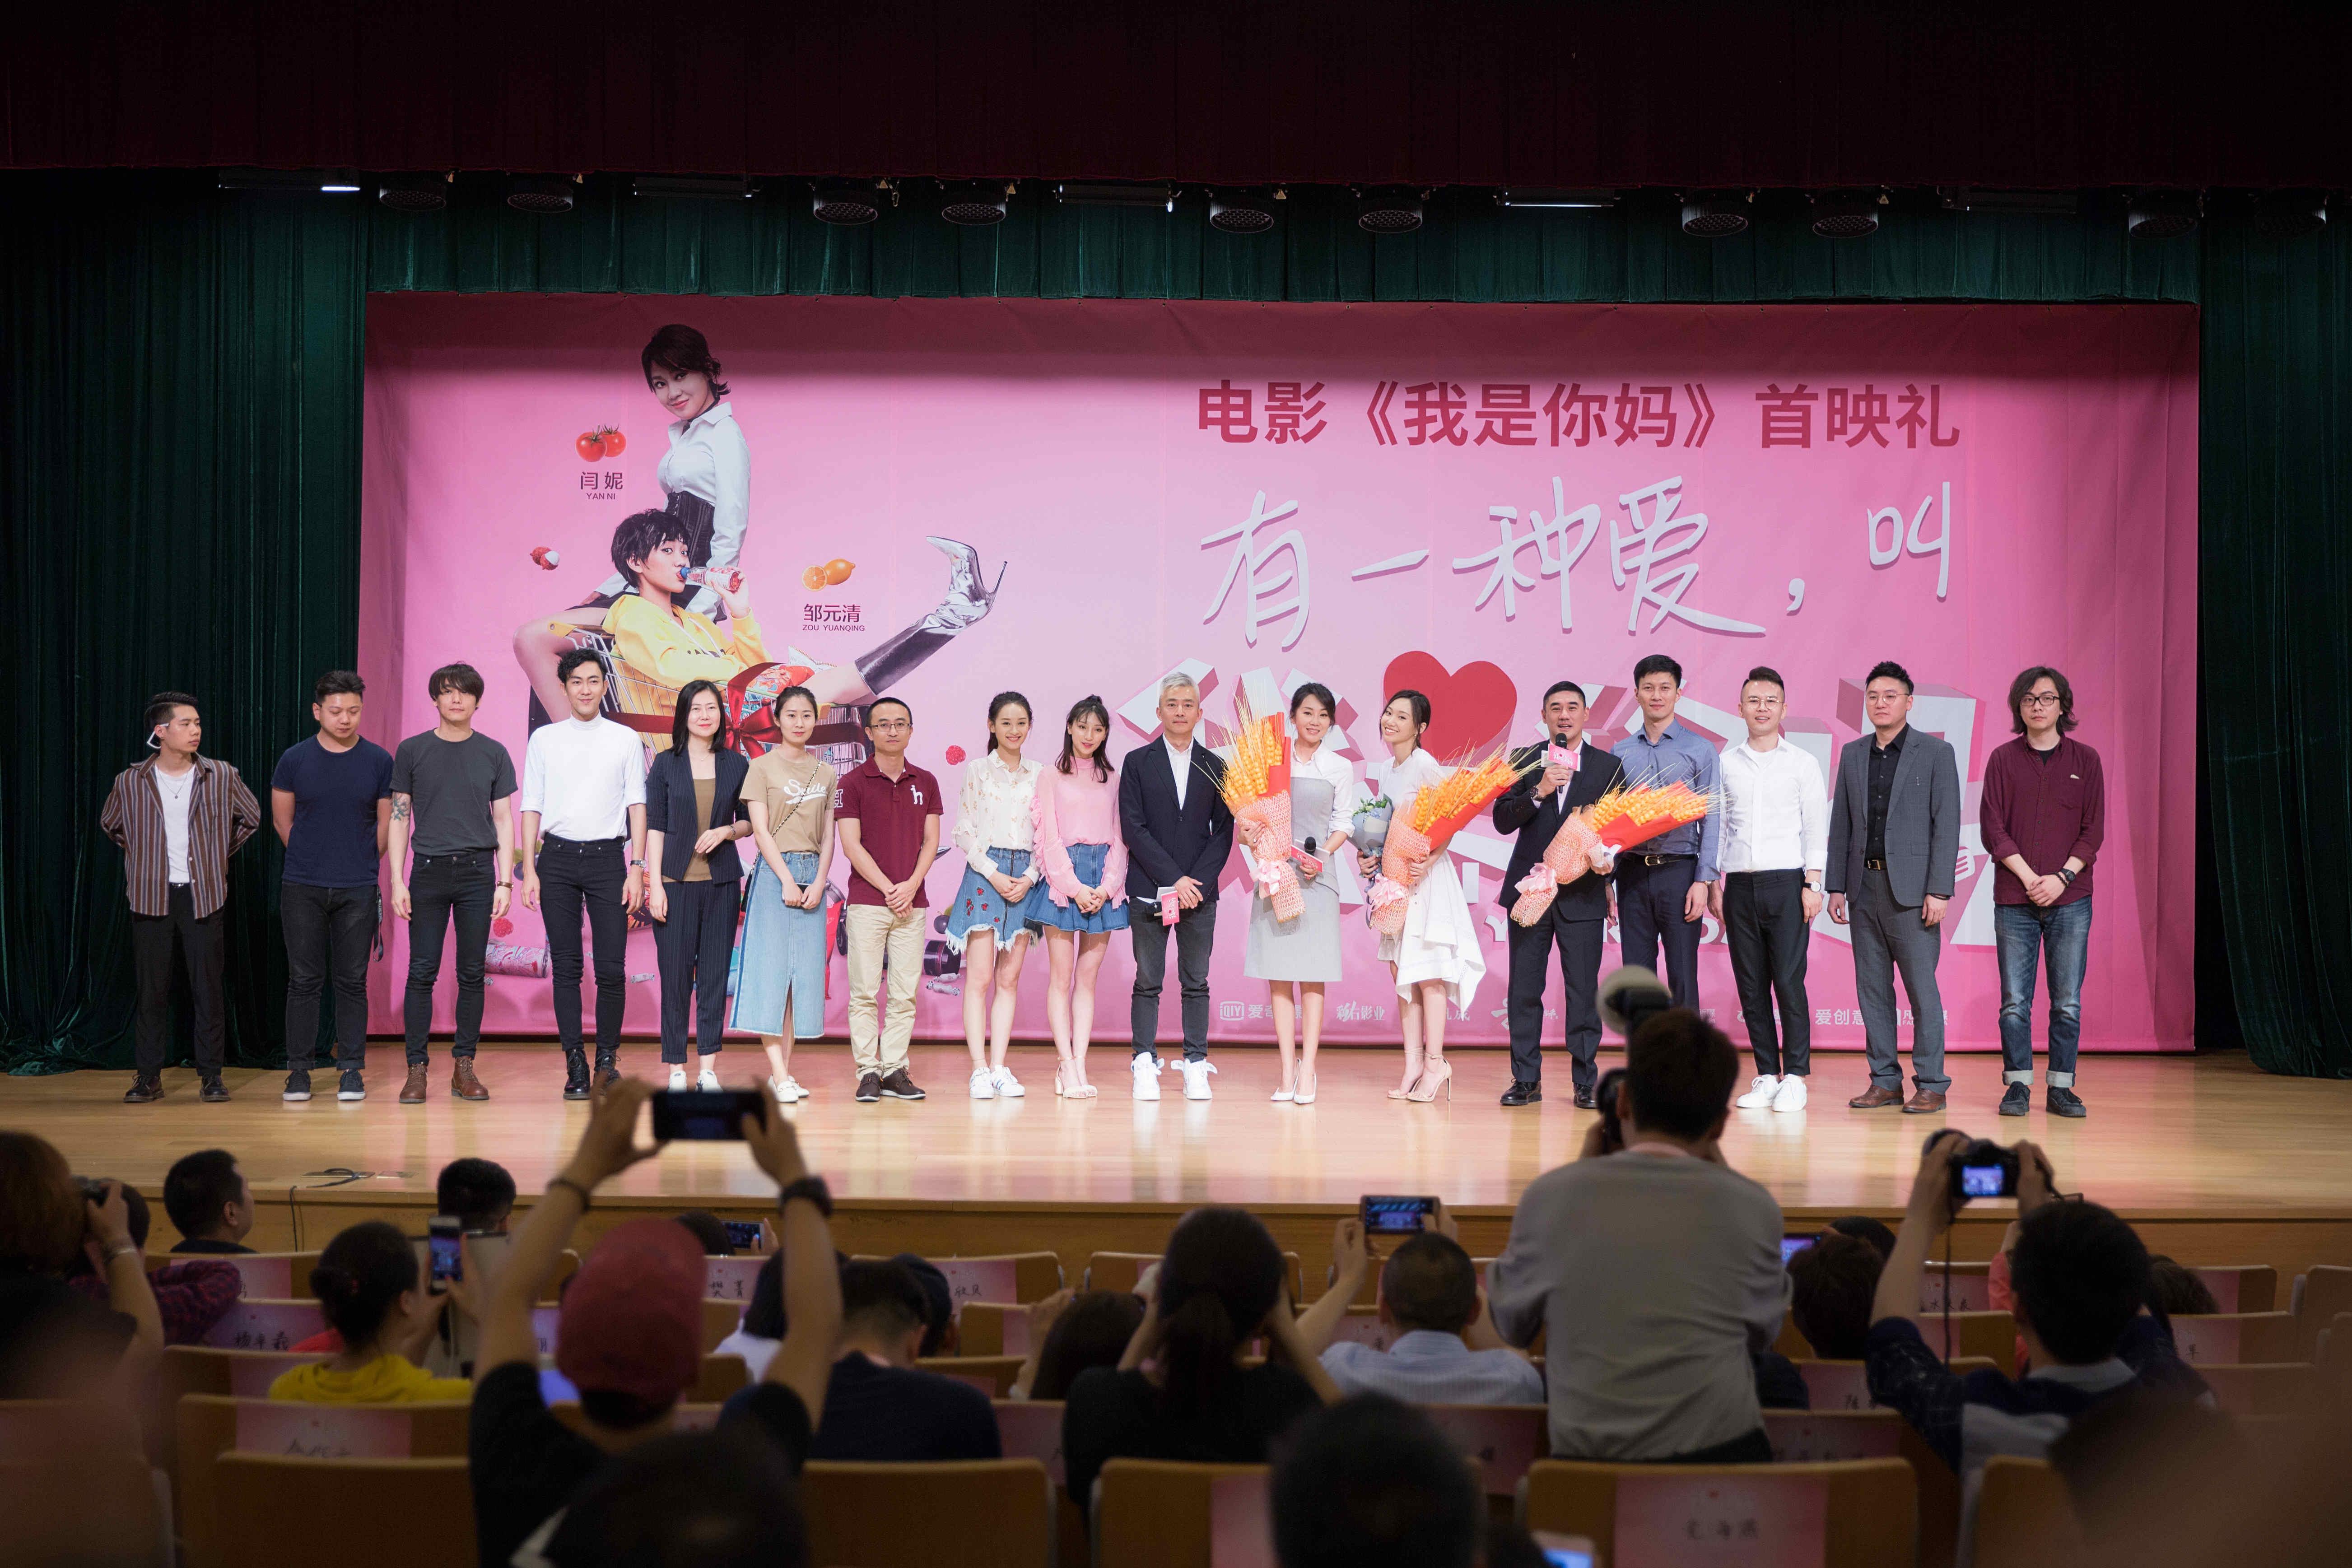 凡鱼传媒携手爱奇艺献礼母亲节 《我是你妈》将上映